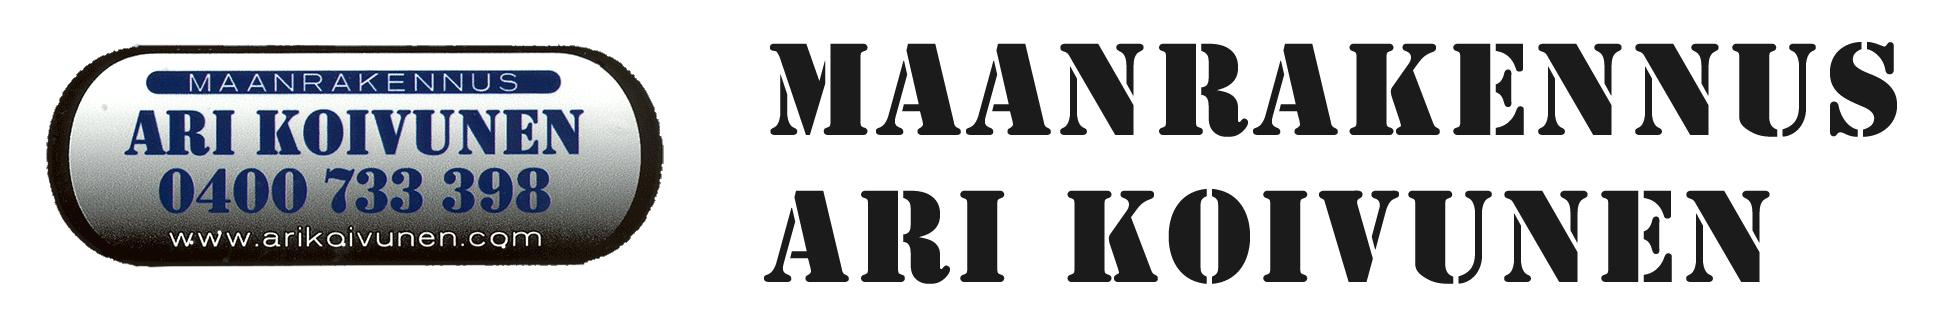 Maanrakennus Ari Koivunen